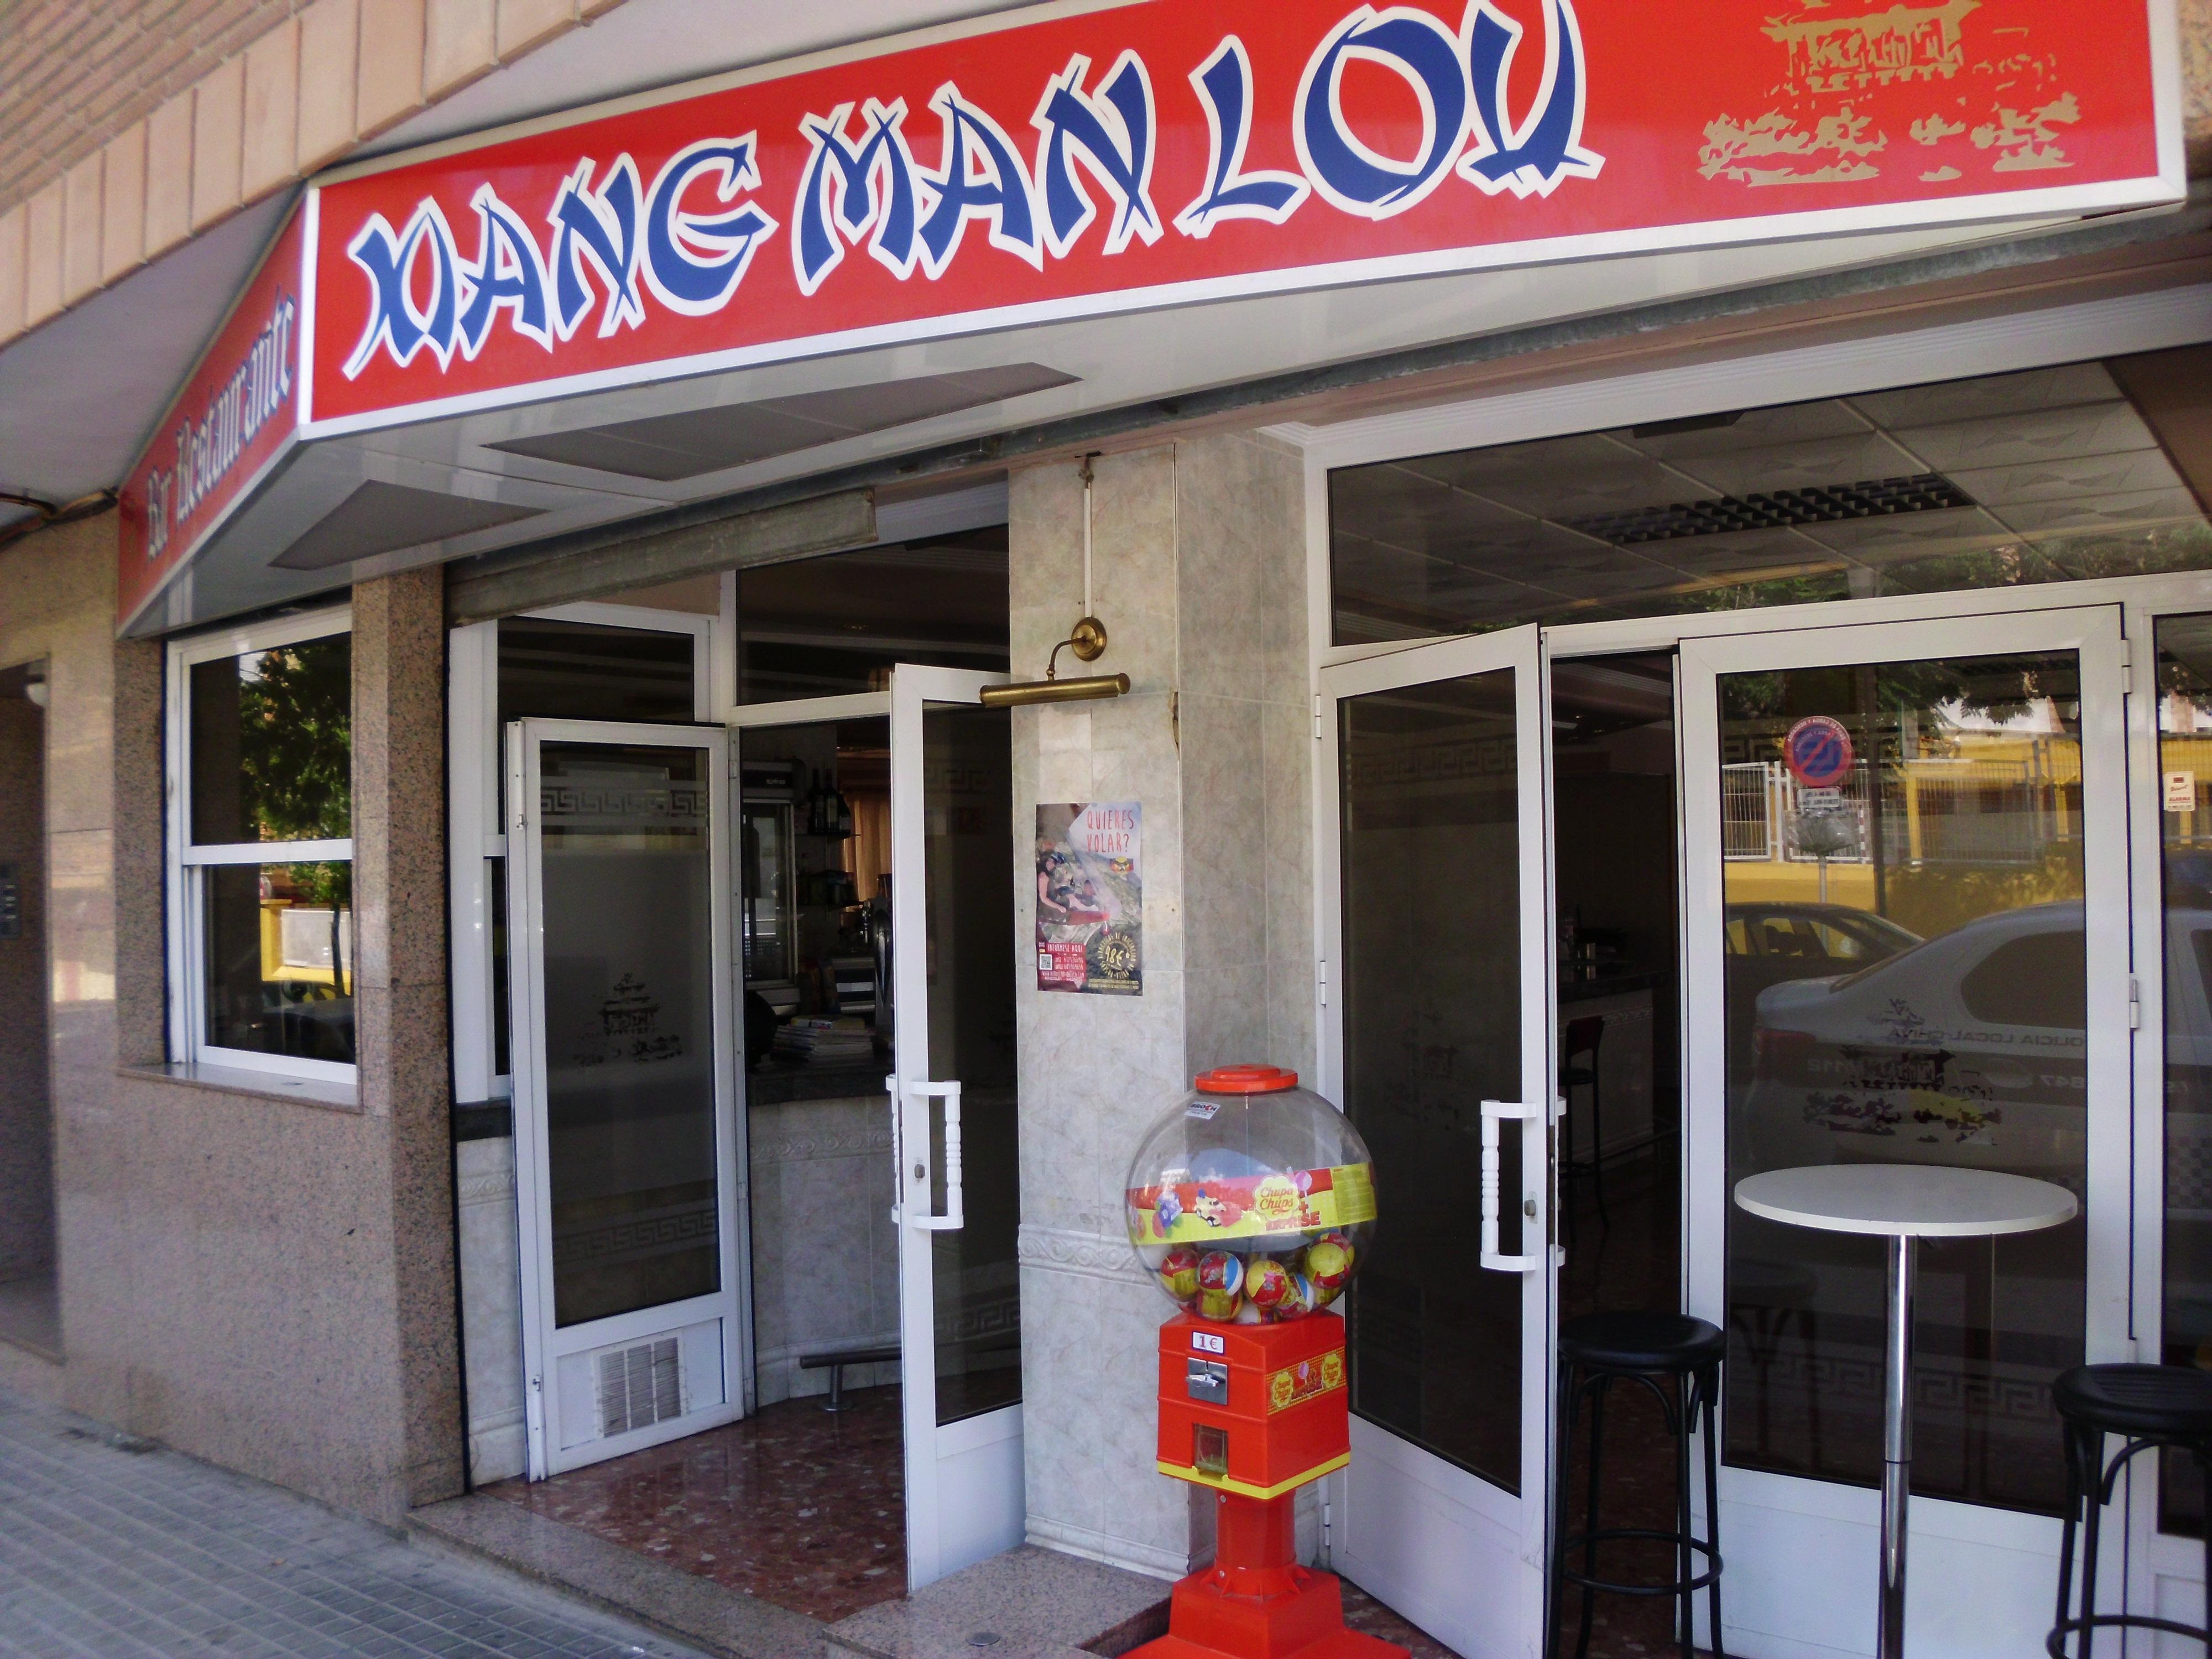 Restaurante Chino Xiang Mang Lou